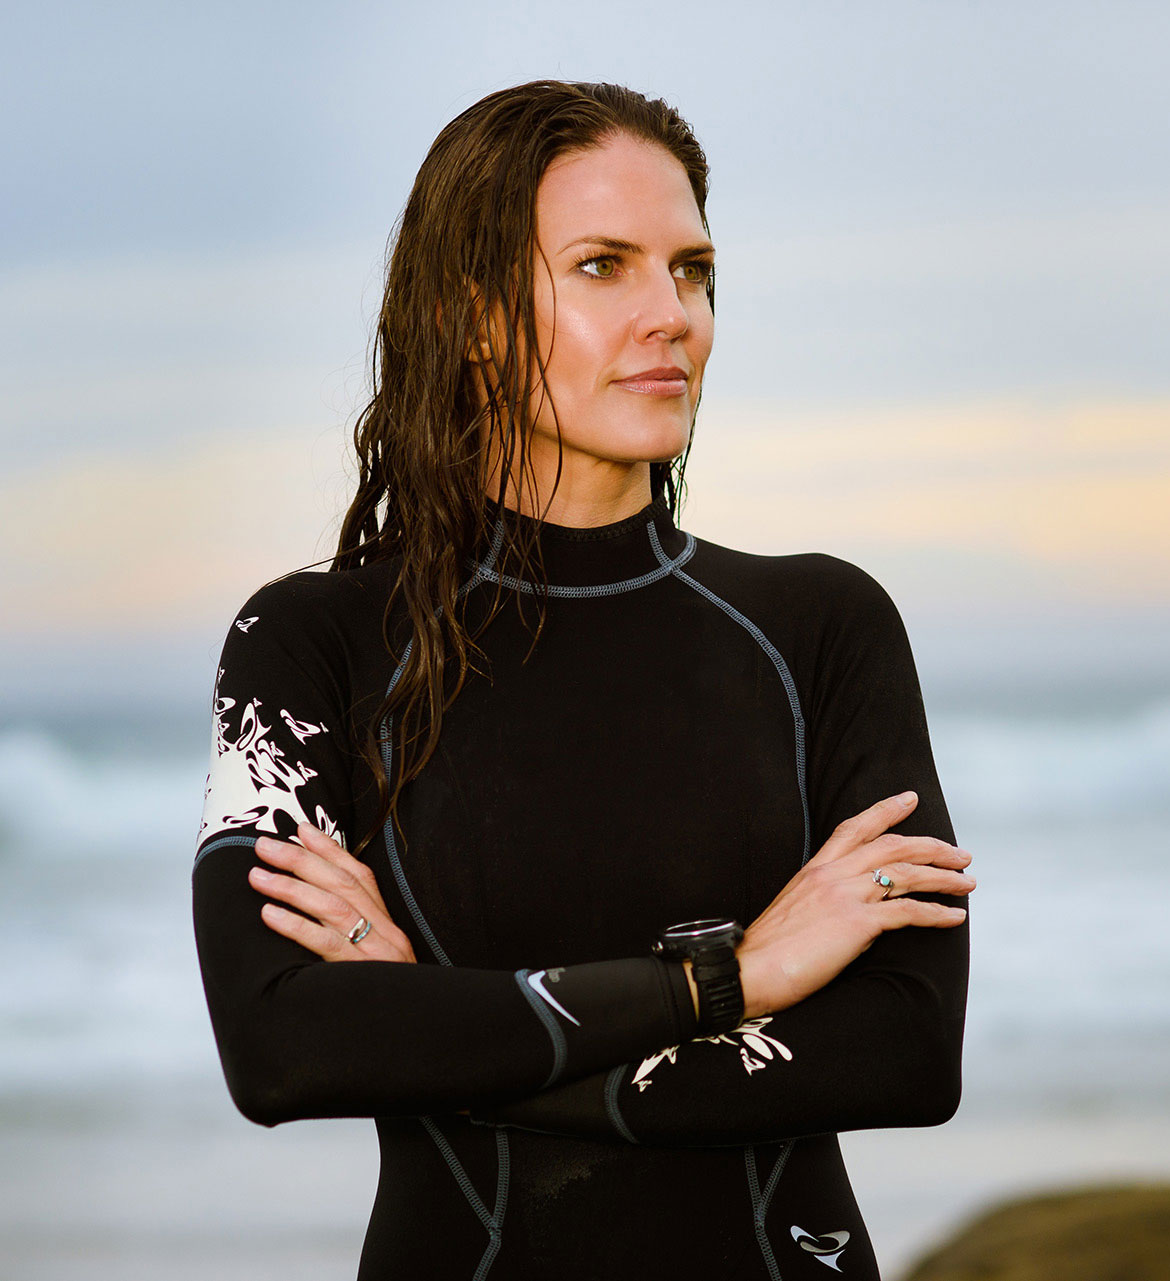 MEHGAN HEANEY-GRIER - OCEAN EXPLORER